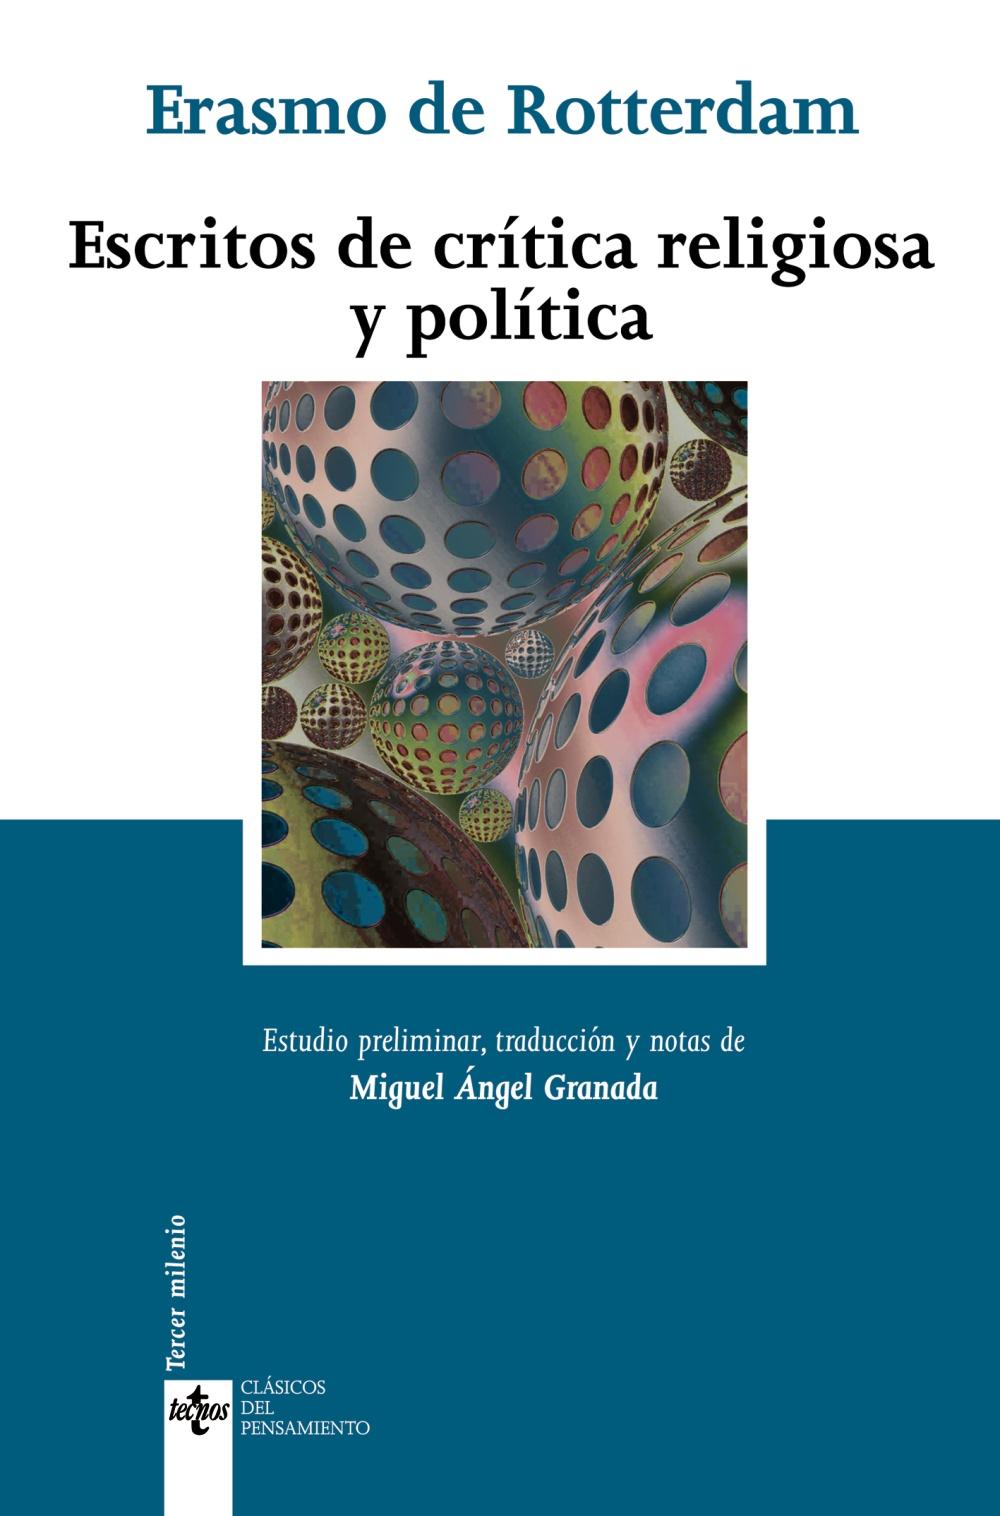 Escritos De Critica Religiosa Y Politica por Erasmo De Rotterdam;                                                                                    Miguel Angel Granada epub